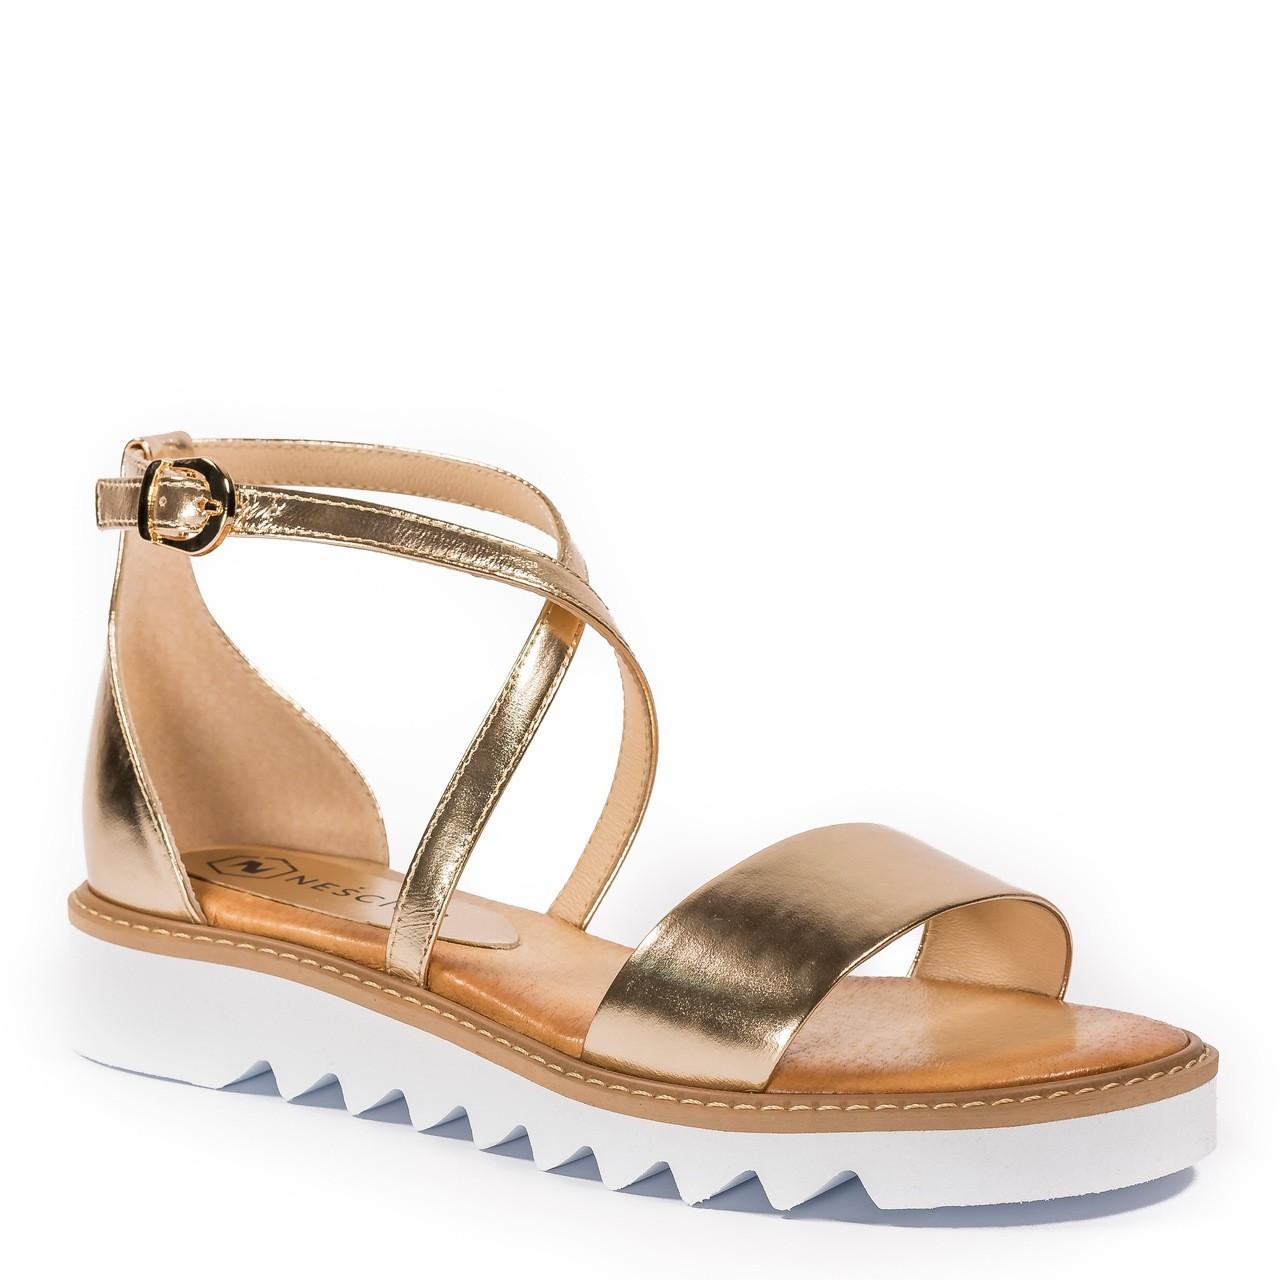 7ade7debed8291 Złote skórzane sandały damskie ze złotymi paskami 67A - Neścior ...